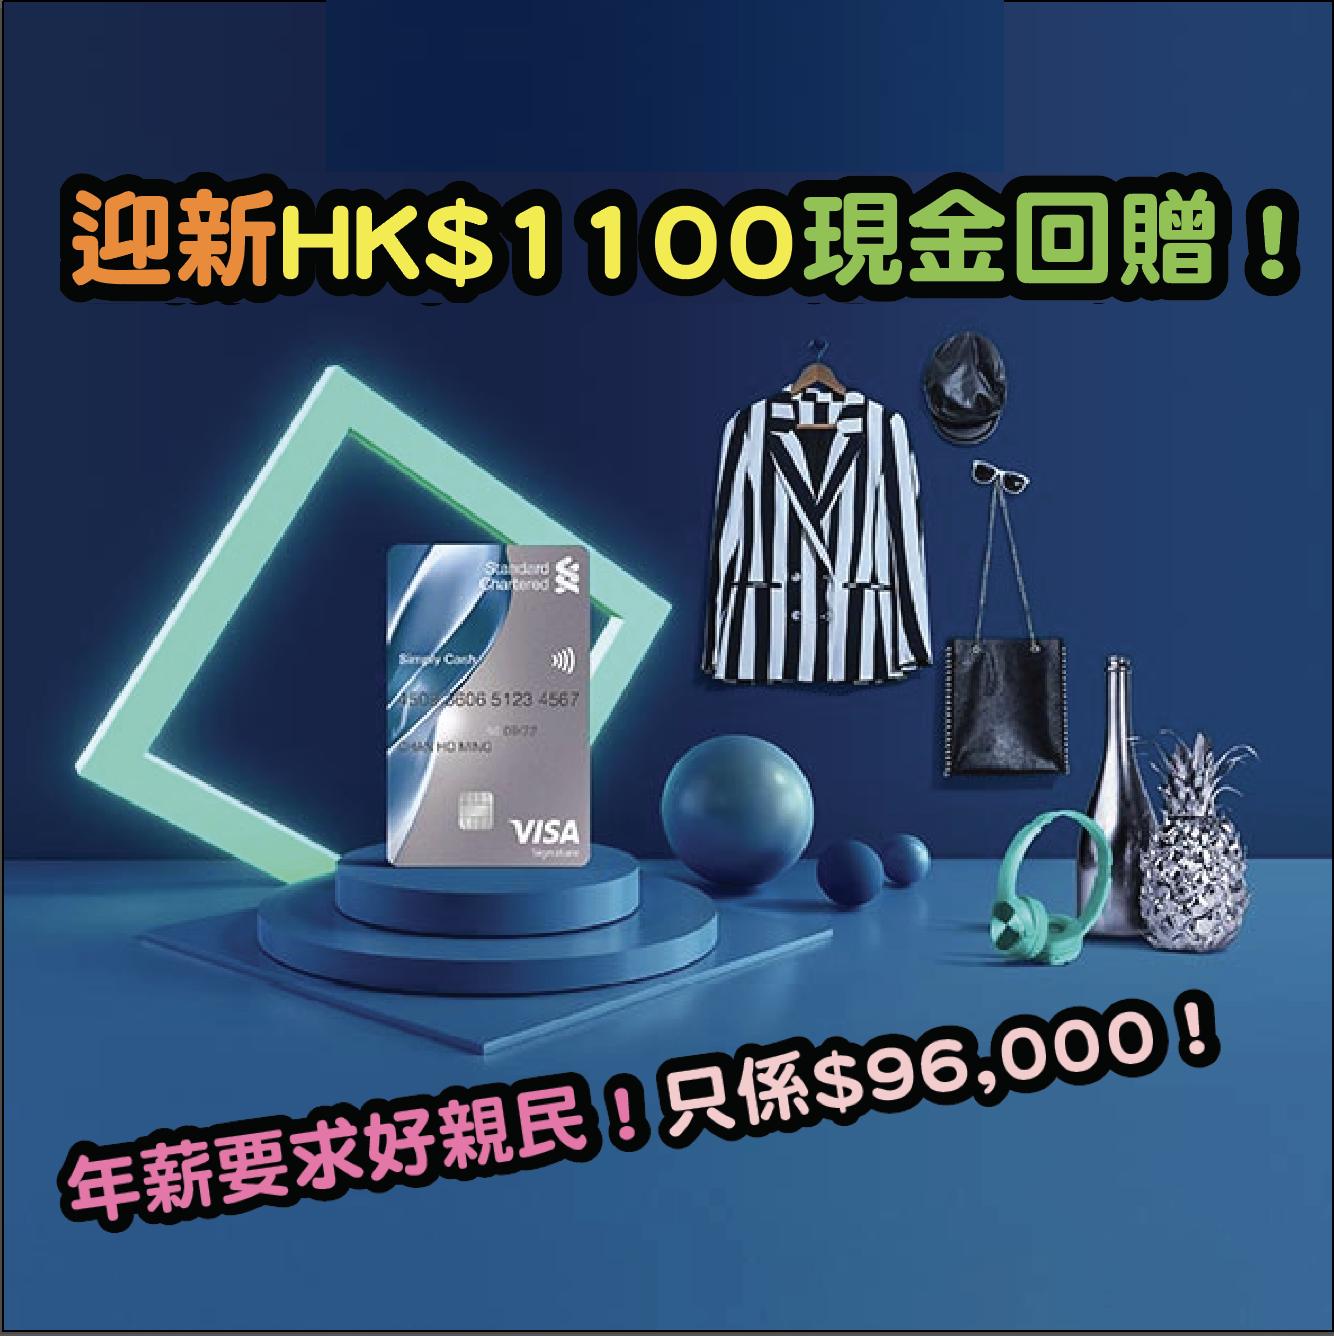 (繼續有渣打額外$100) 渣打Simply Cash Visa卡年薪要求只需$96,000!迎新有HK$1,100現金回贈!全年簽賬任何1.5%現金回贈!Payme/八達通自動增值都有1.5%!